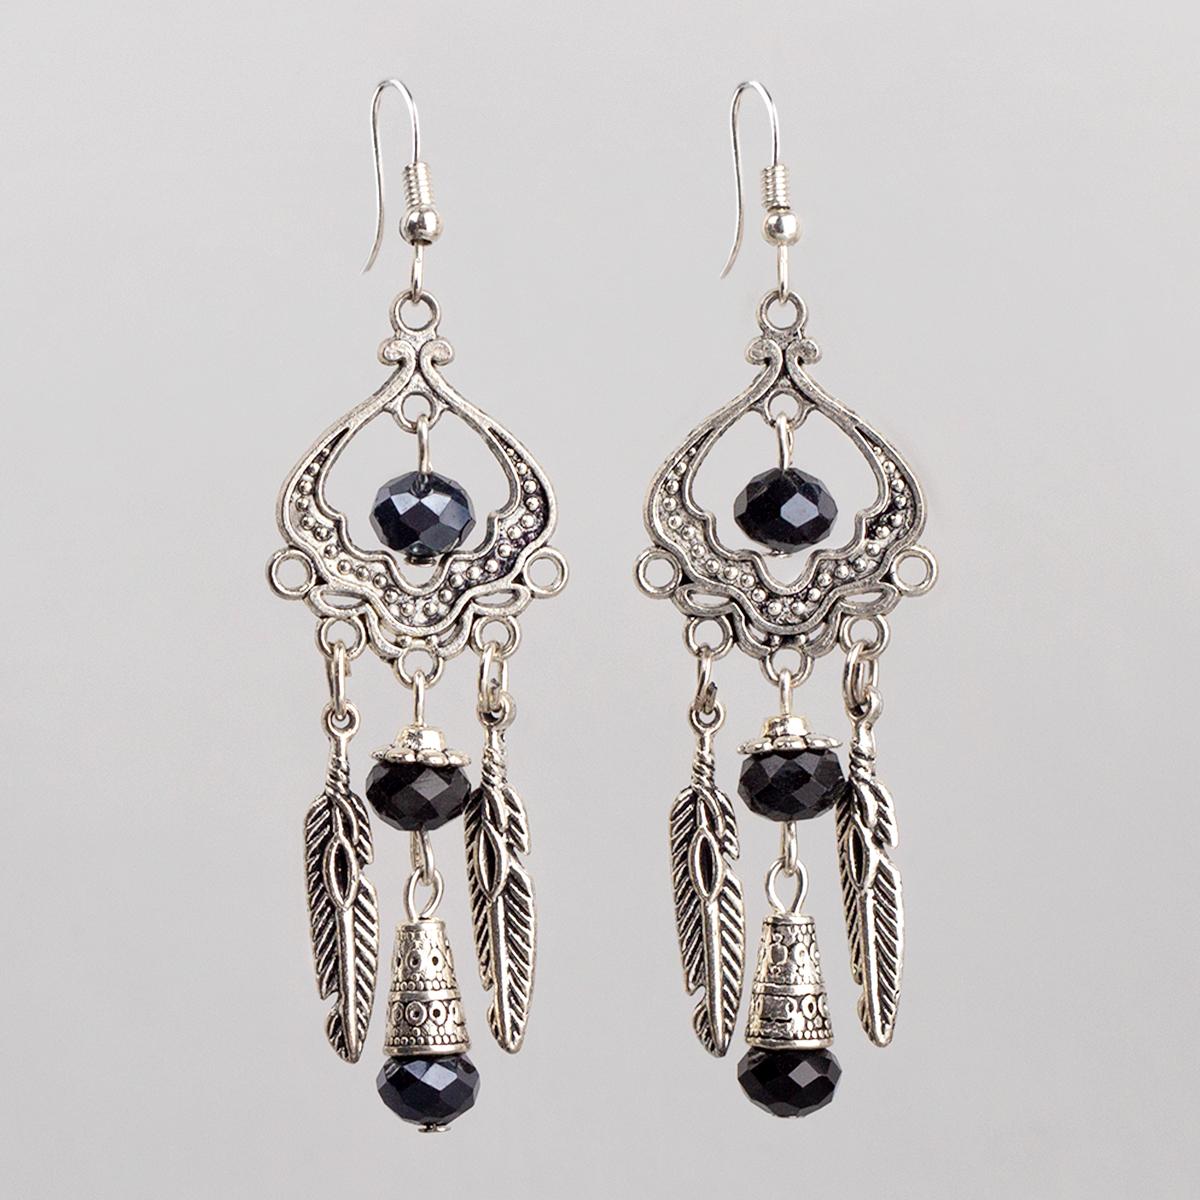 Openwork Earrings, Black Crystal